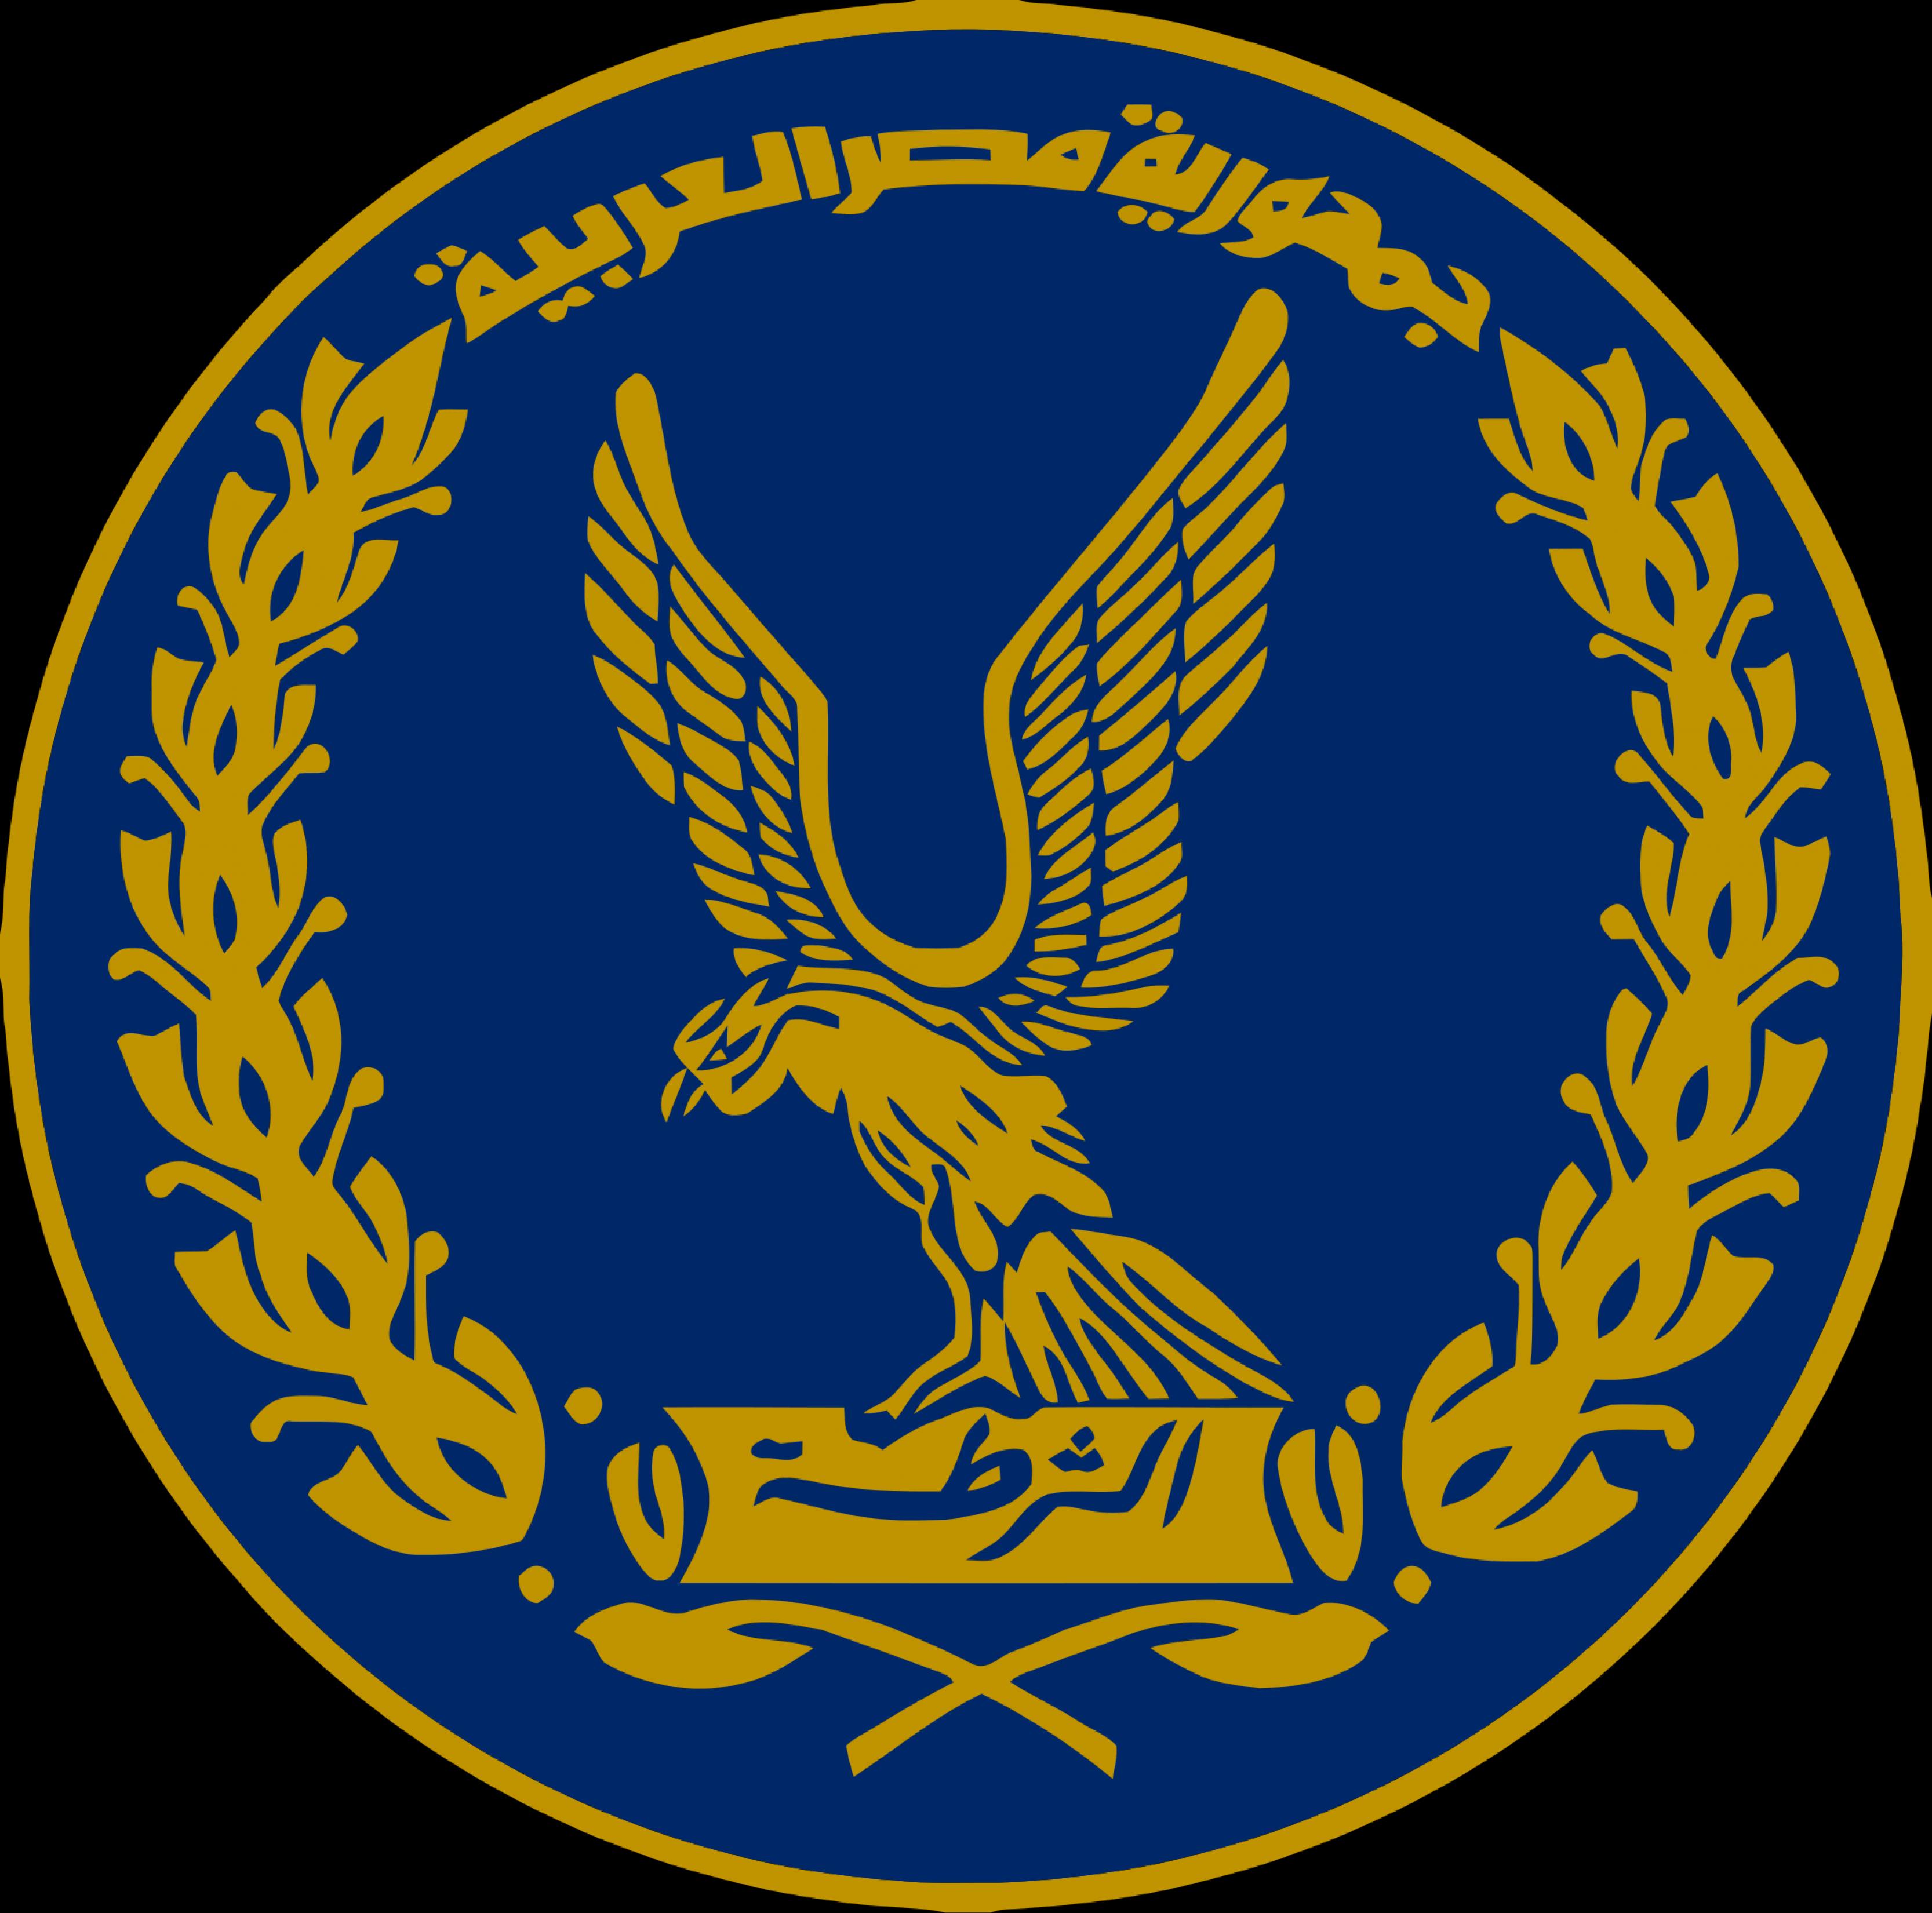 صوره شعار وزارة الداخلية المصرية